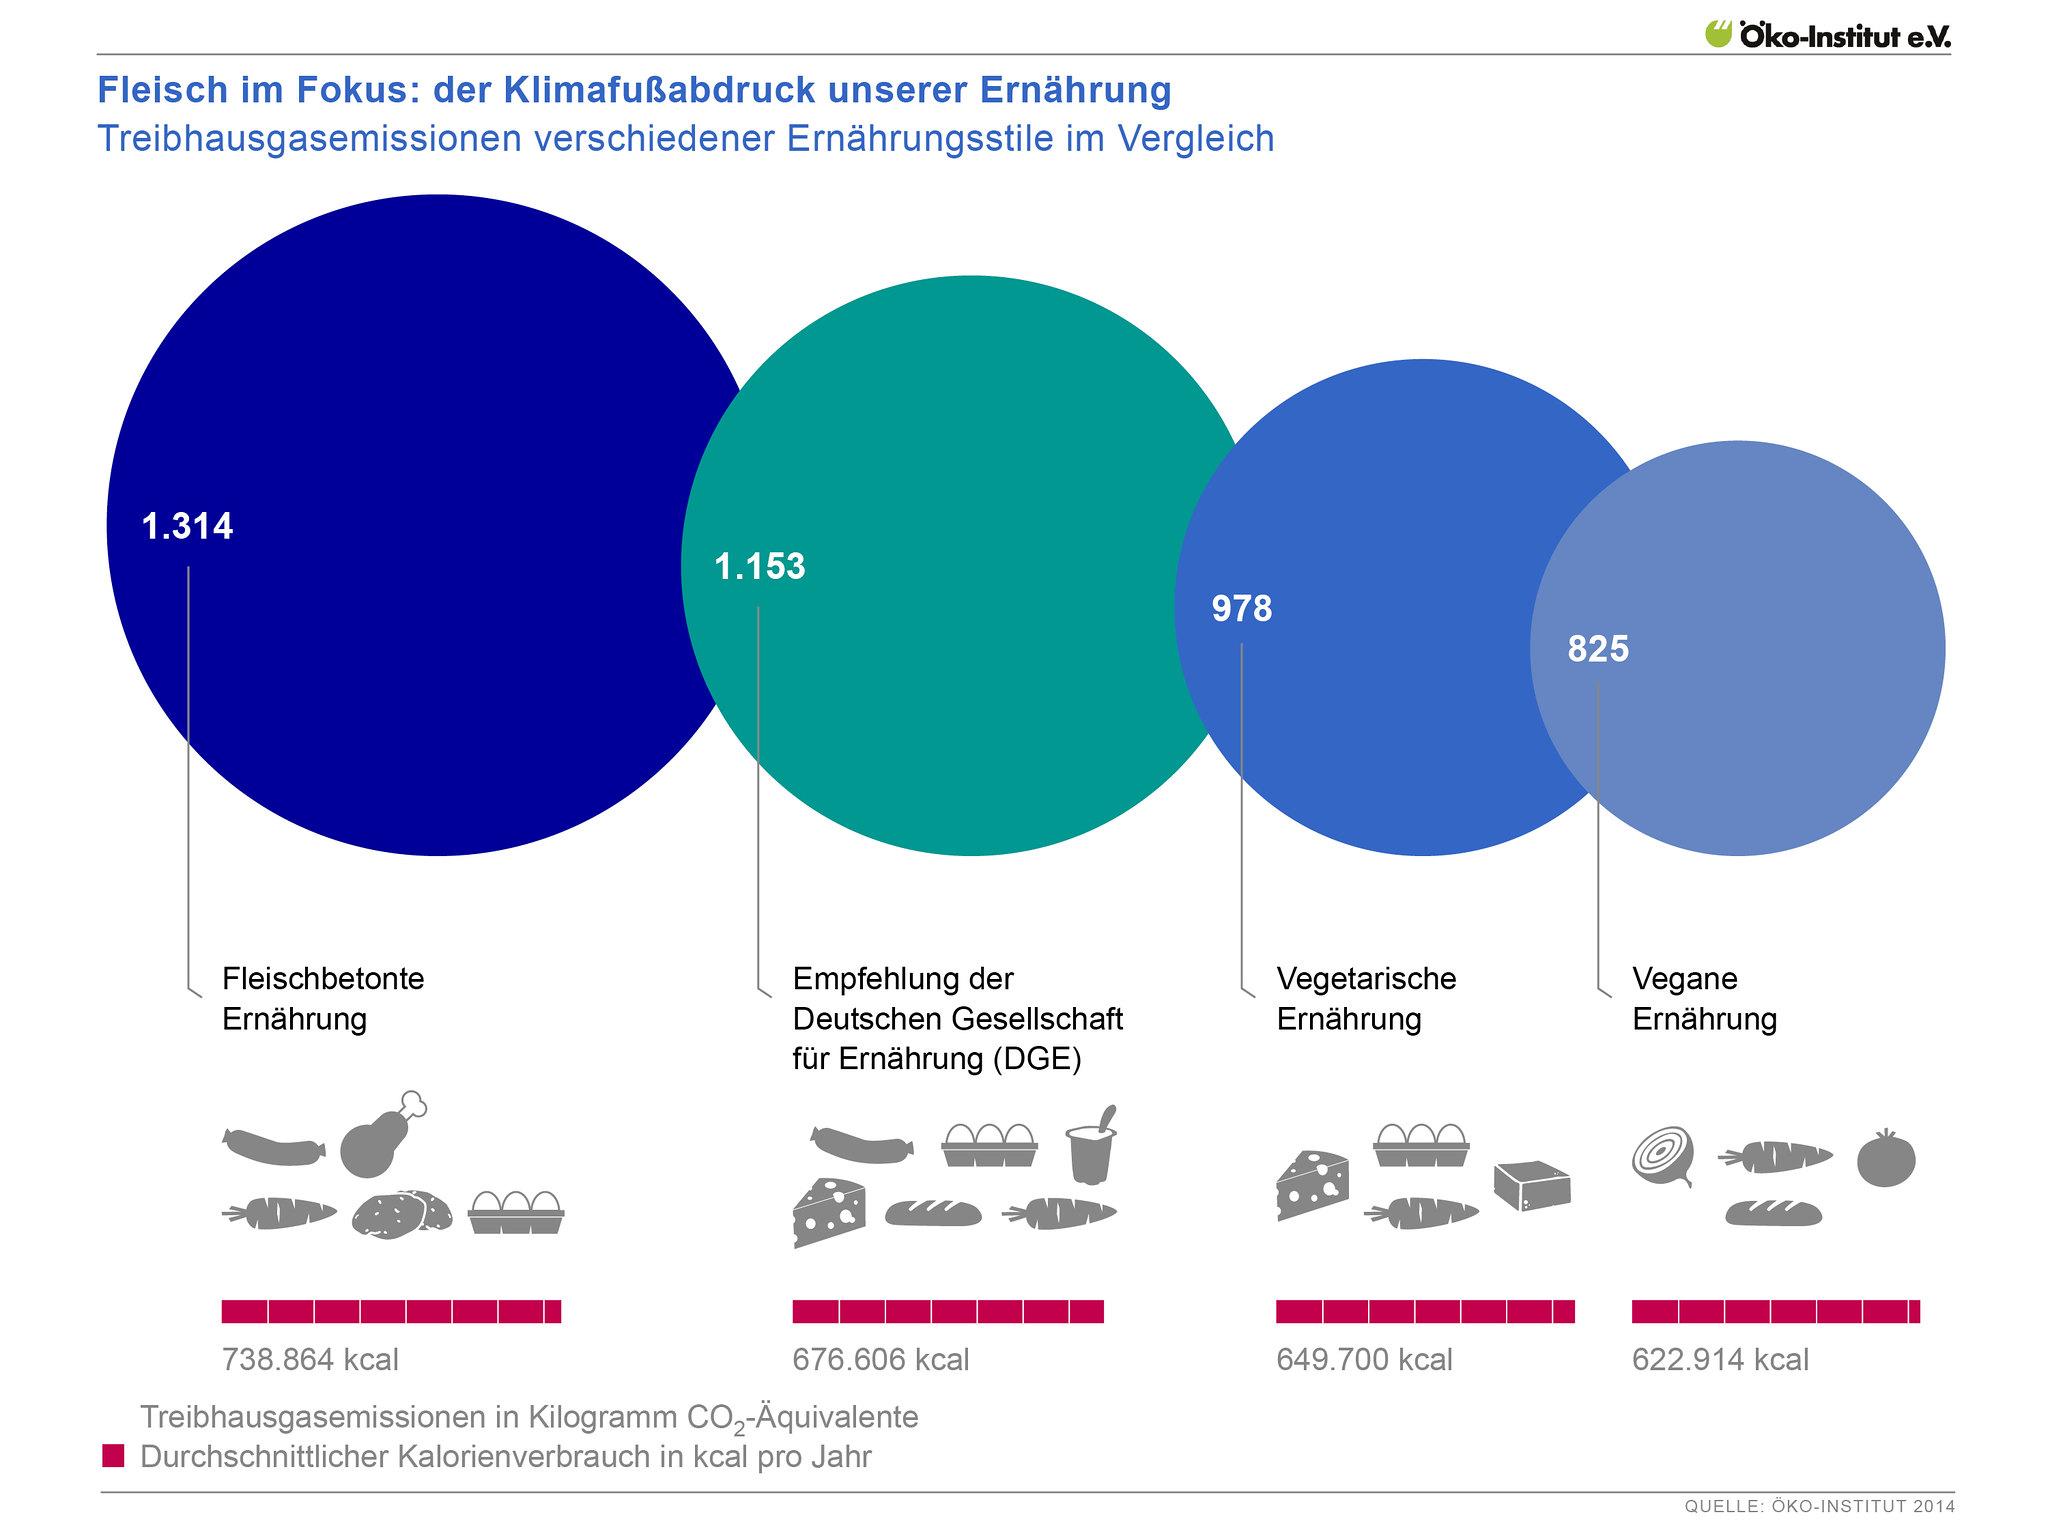 Treibhausgasemissionen verschiedener Ernährungsstile im Vergleich